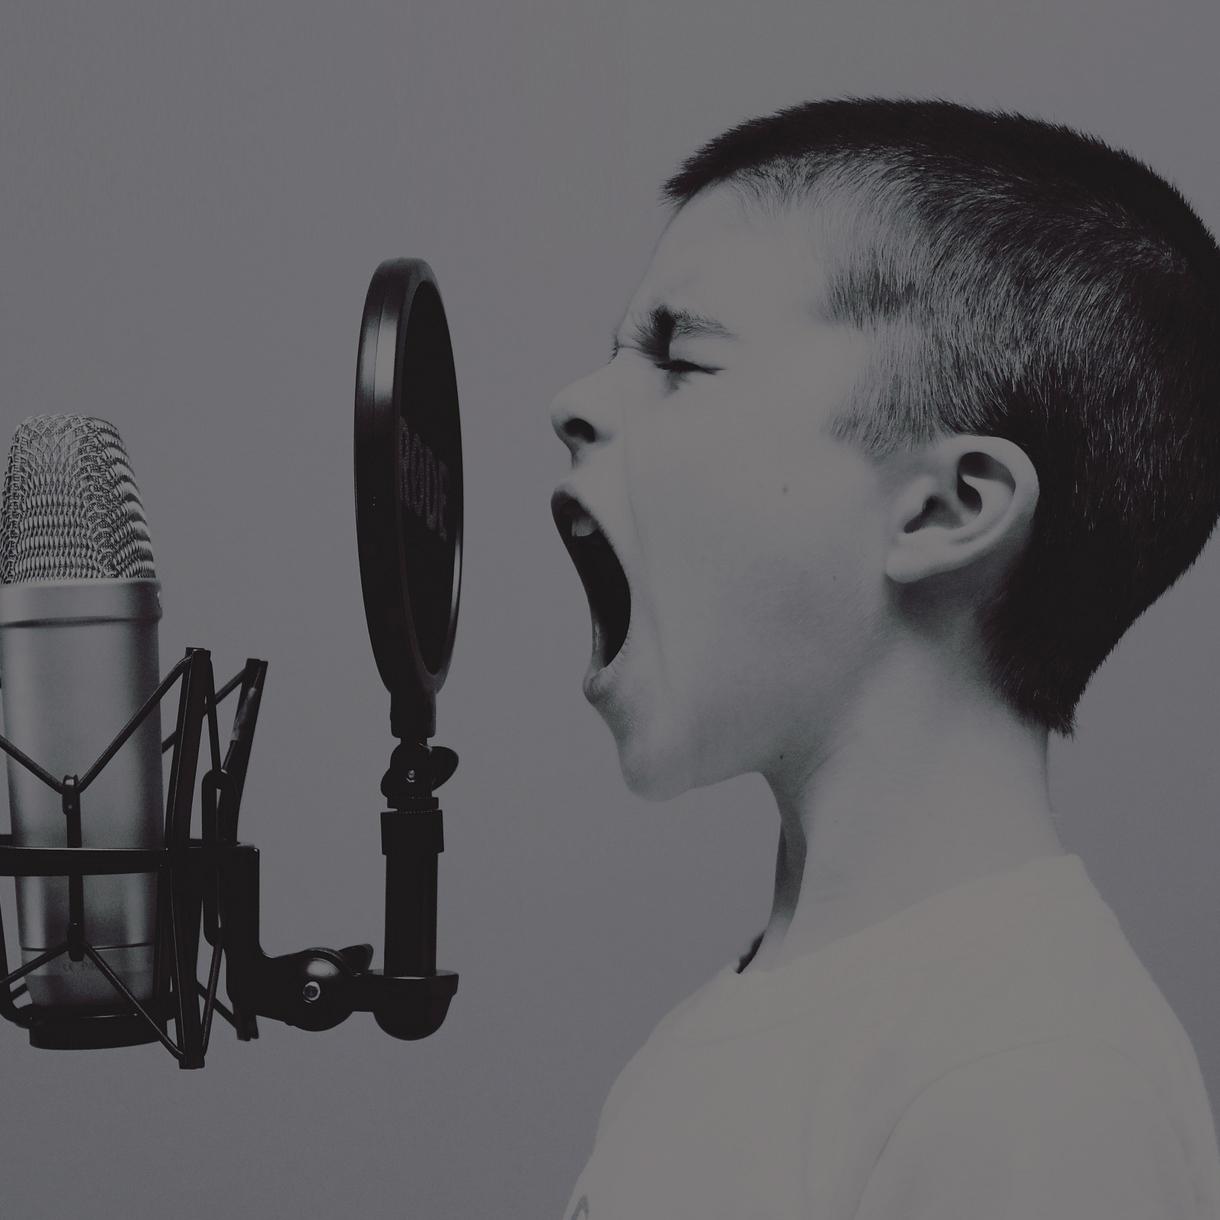 Comment survivre et prospérer dans l'industrie musicale ? - Artiste, manager, booker, producteur.. ? Nous sommes avec vous ! Tout ce que vous devez savoir sur l'industrie musicale..